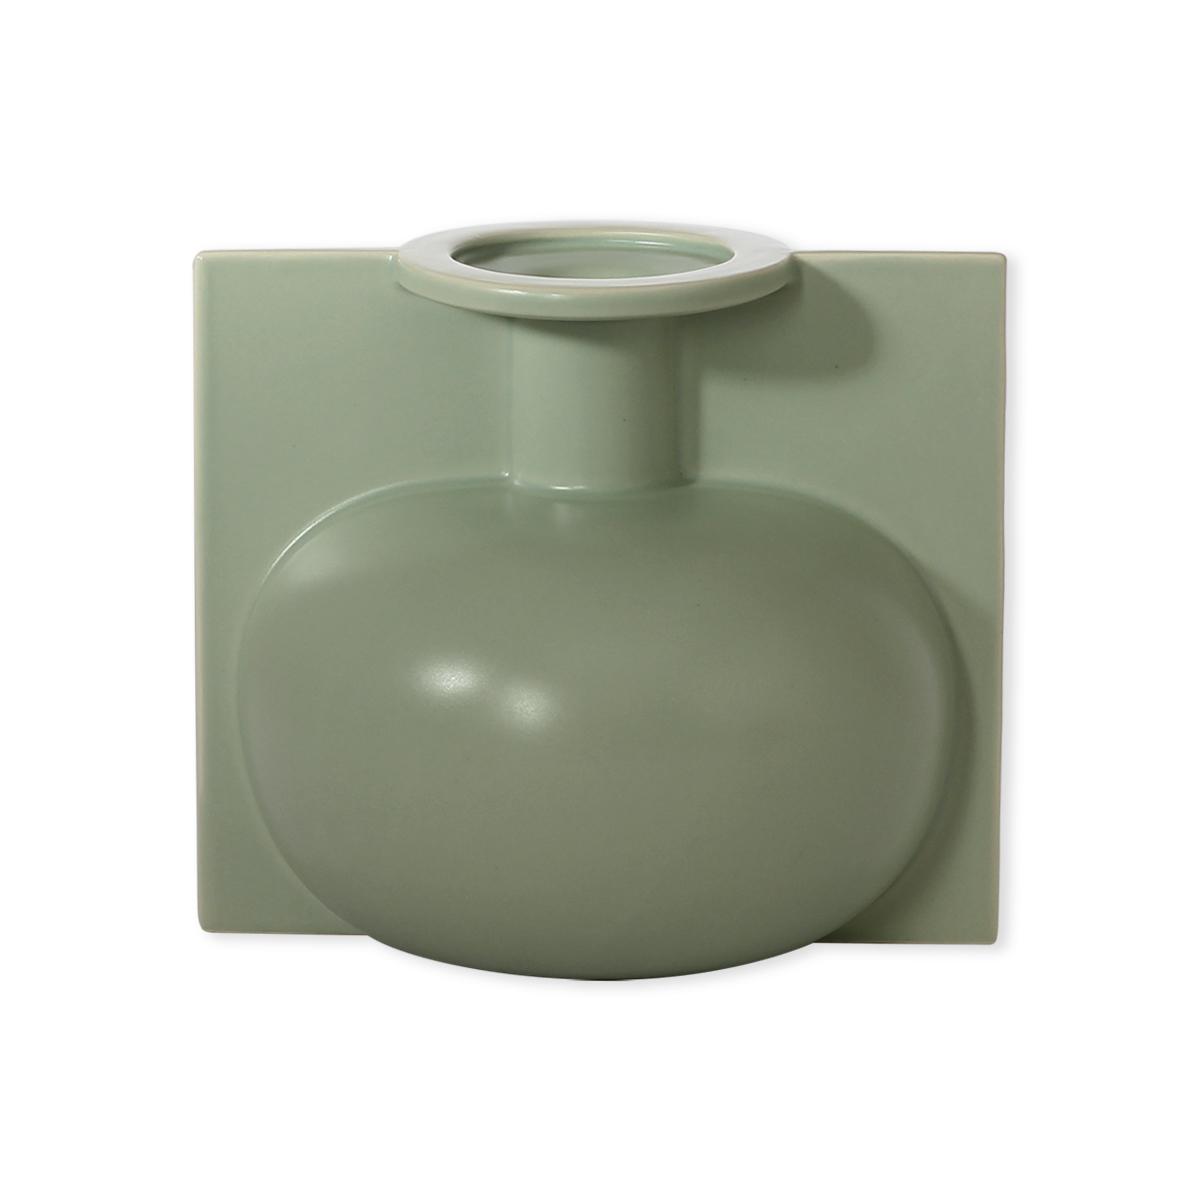 Esprit Art Deco Com vase vert en céramique 18cm